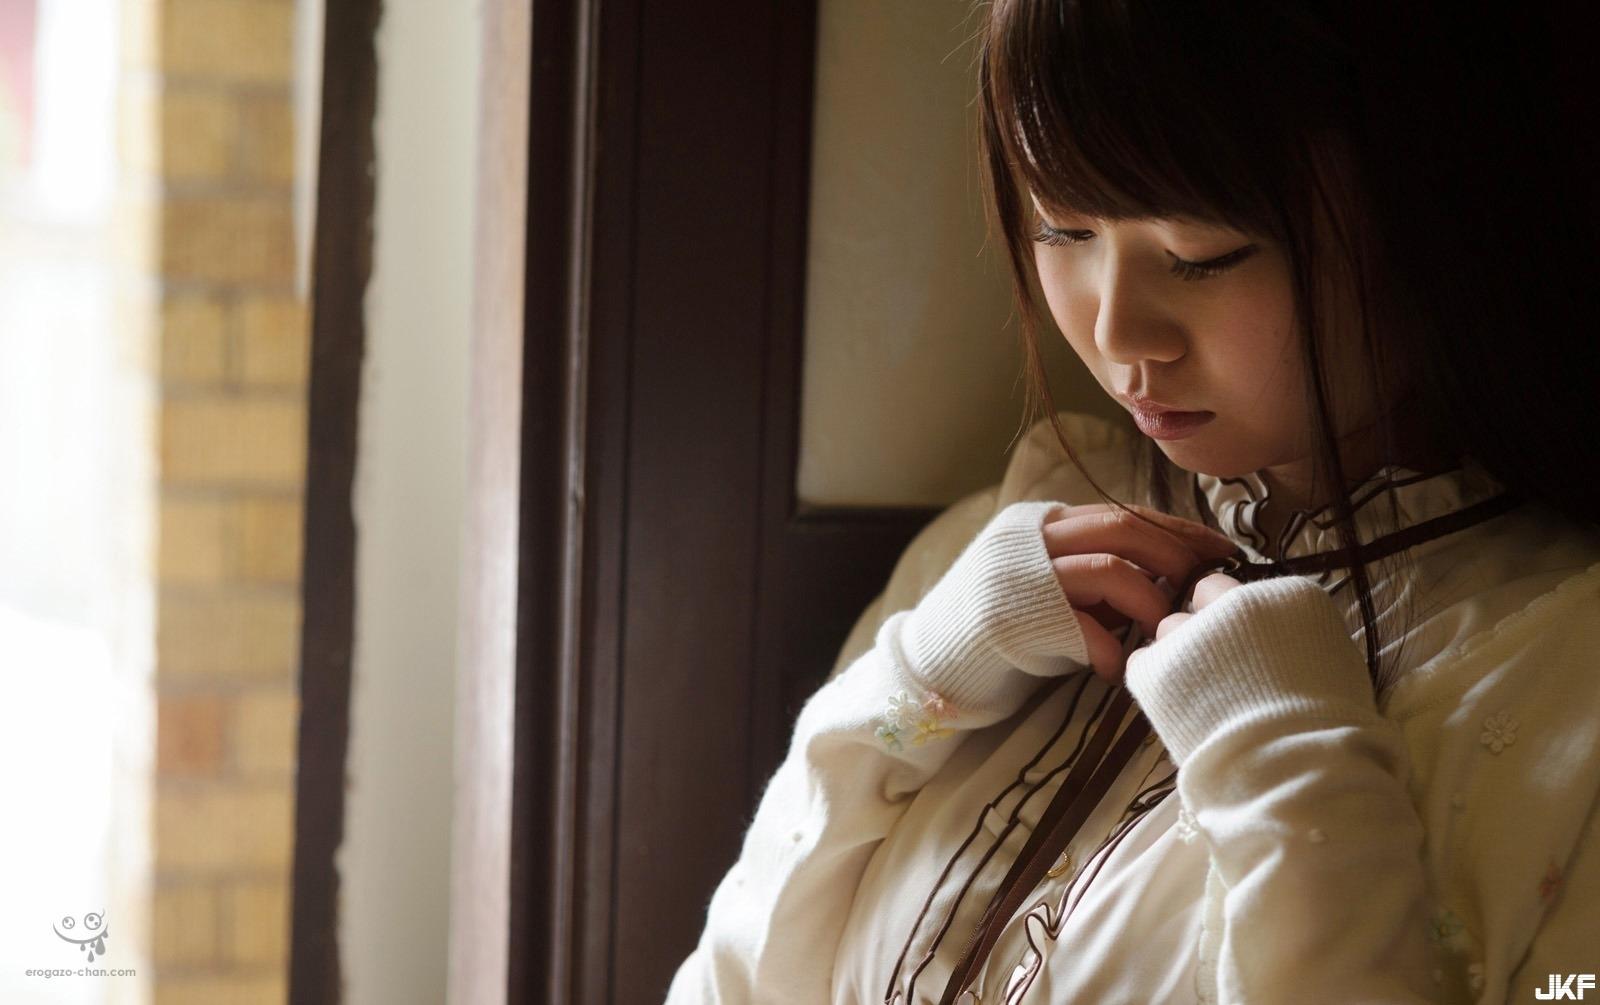 yumeno_aika_1056-007.jpg